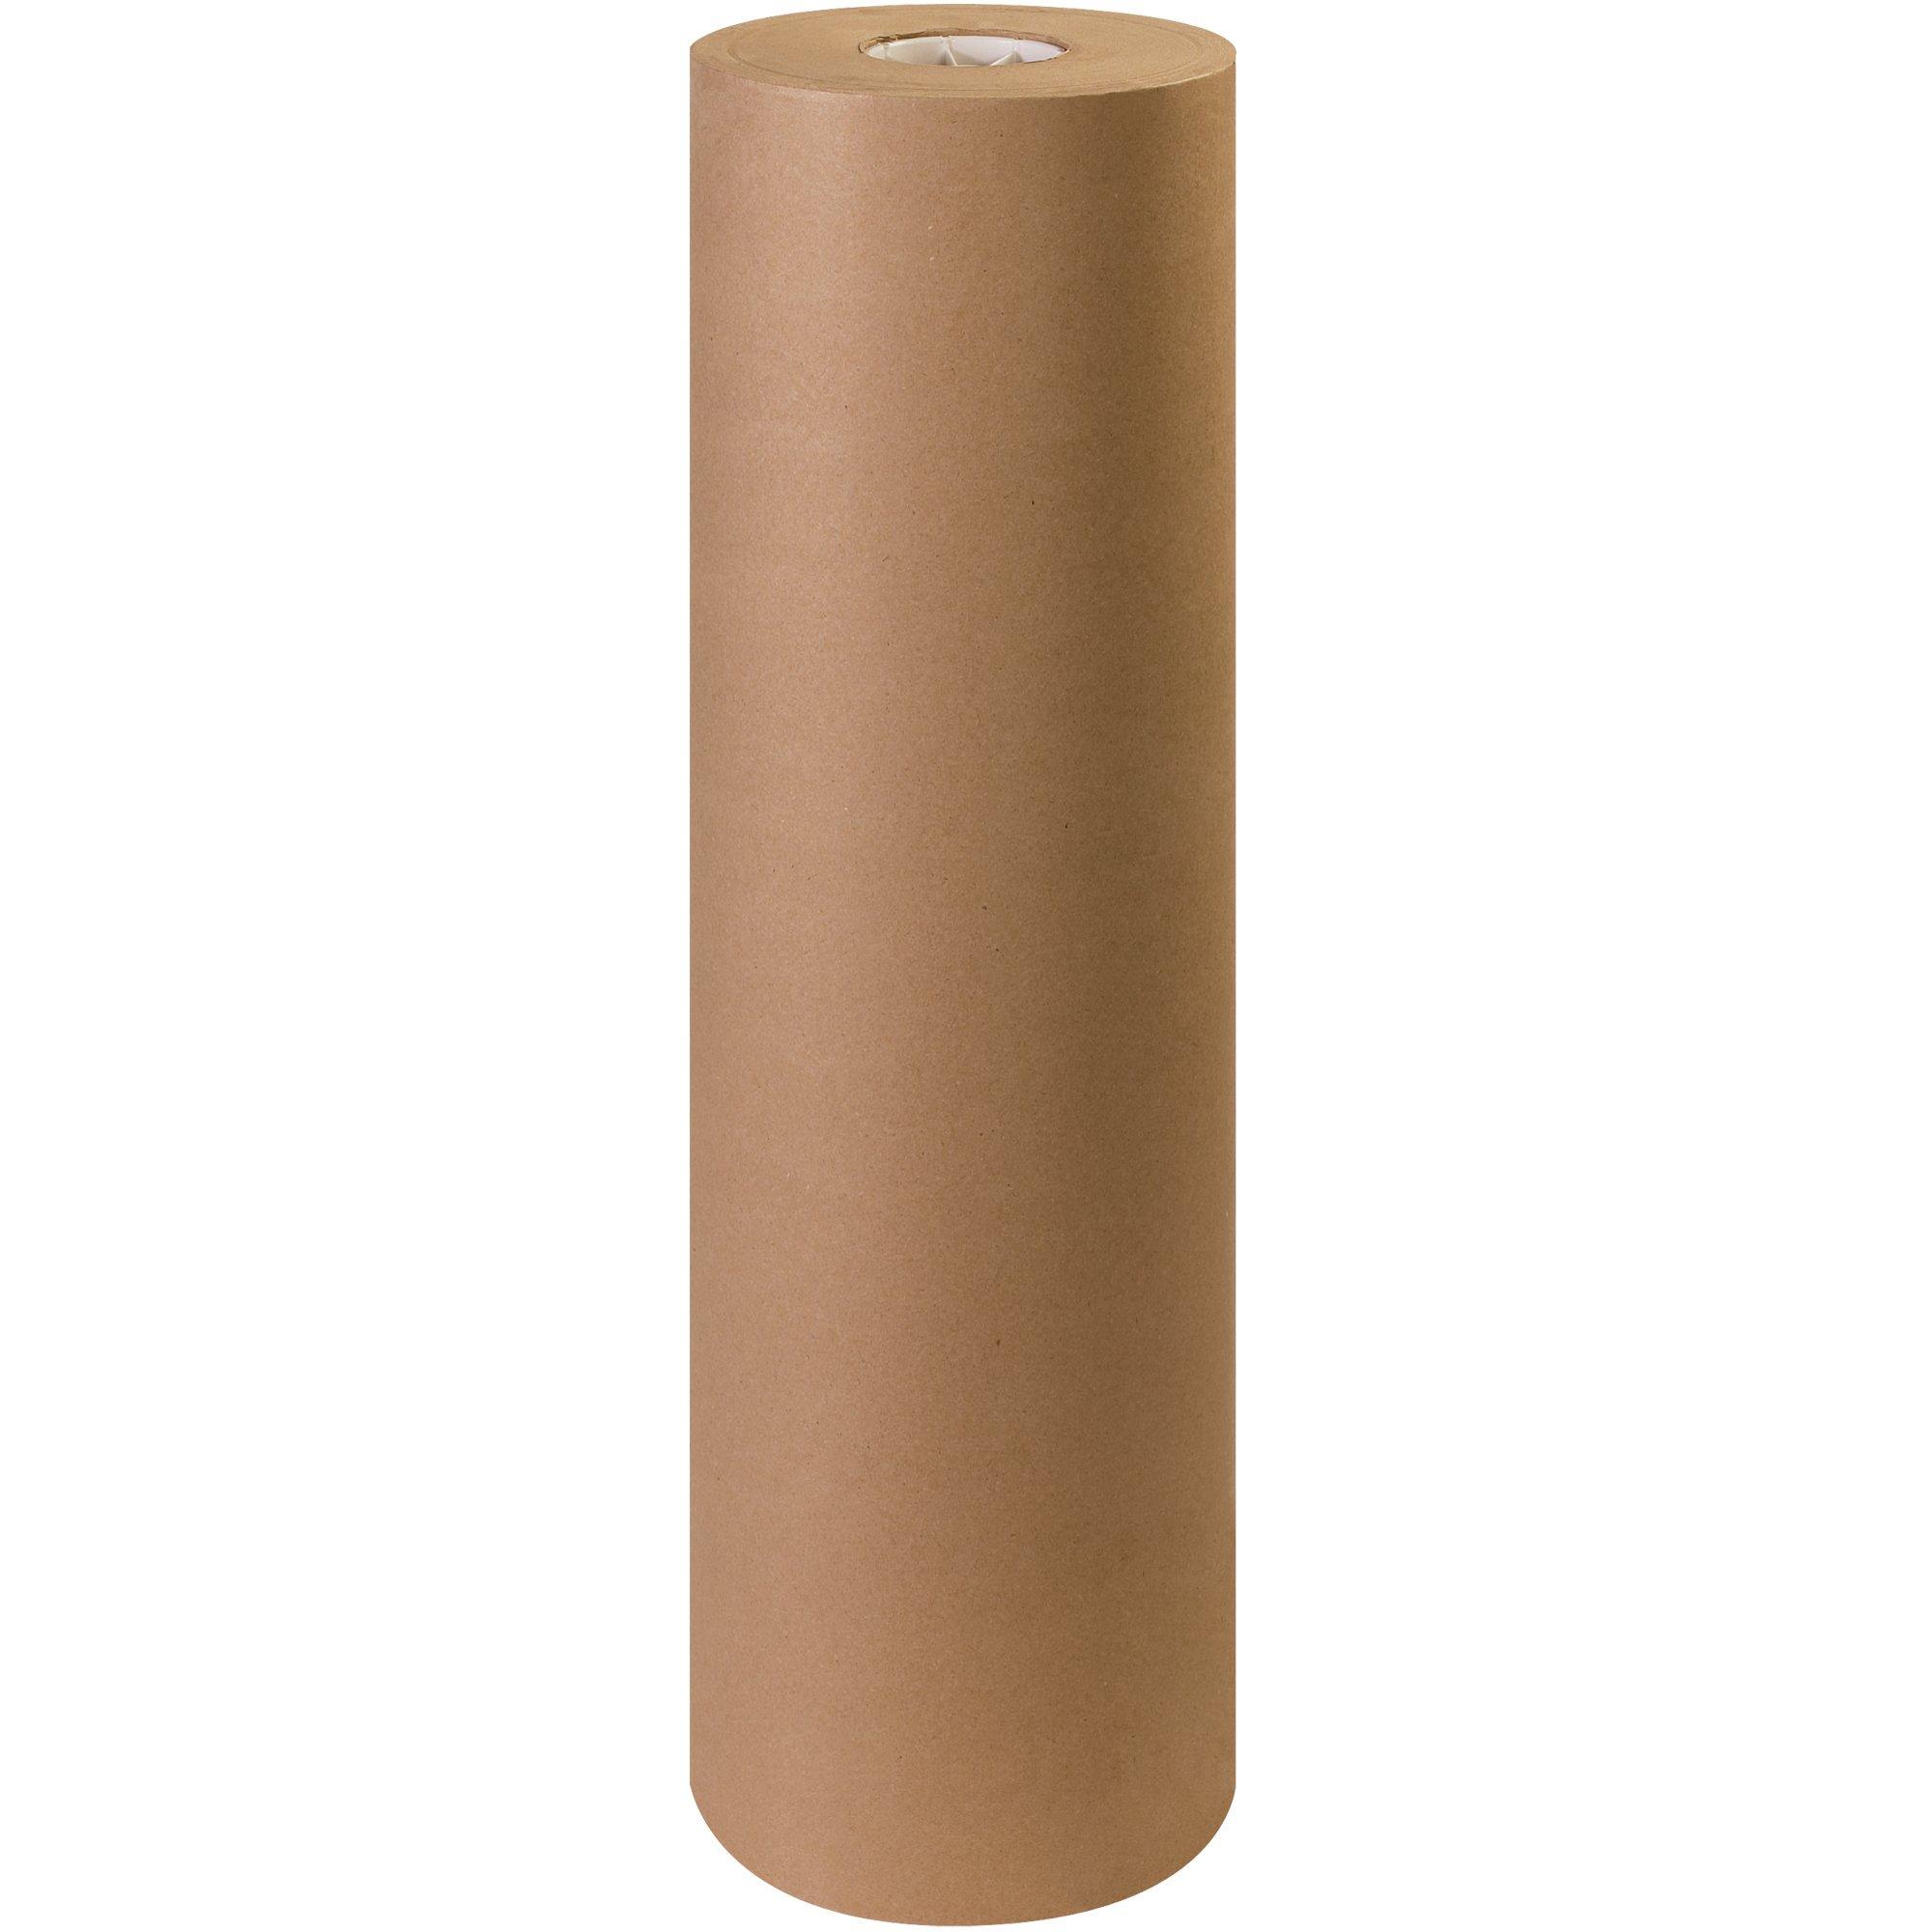 Aviditi Fiber 30# Paper Roll, 1200' L x 30'' W, Kraft (KP3030)